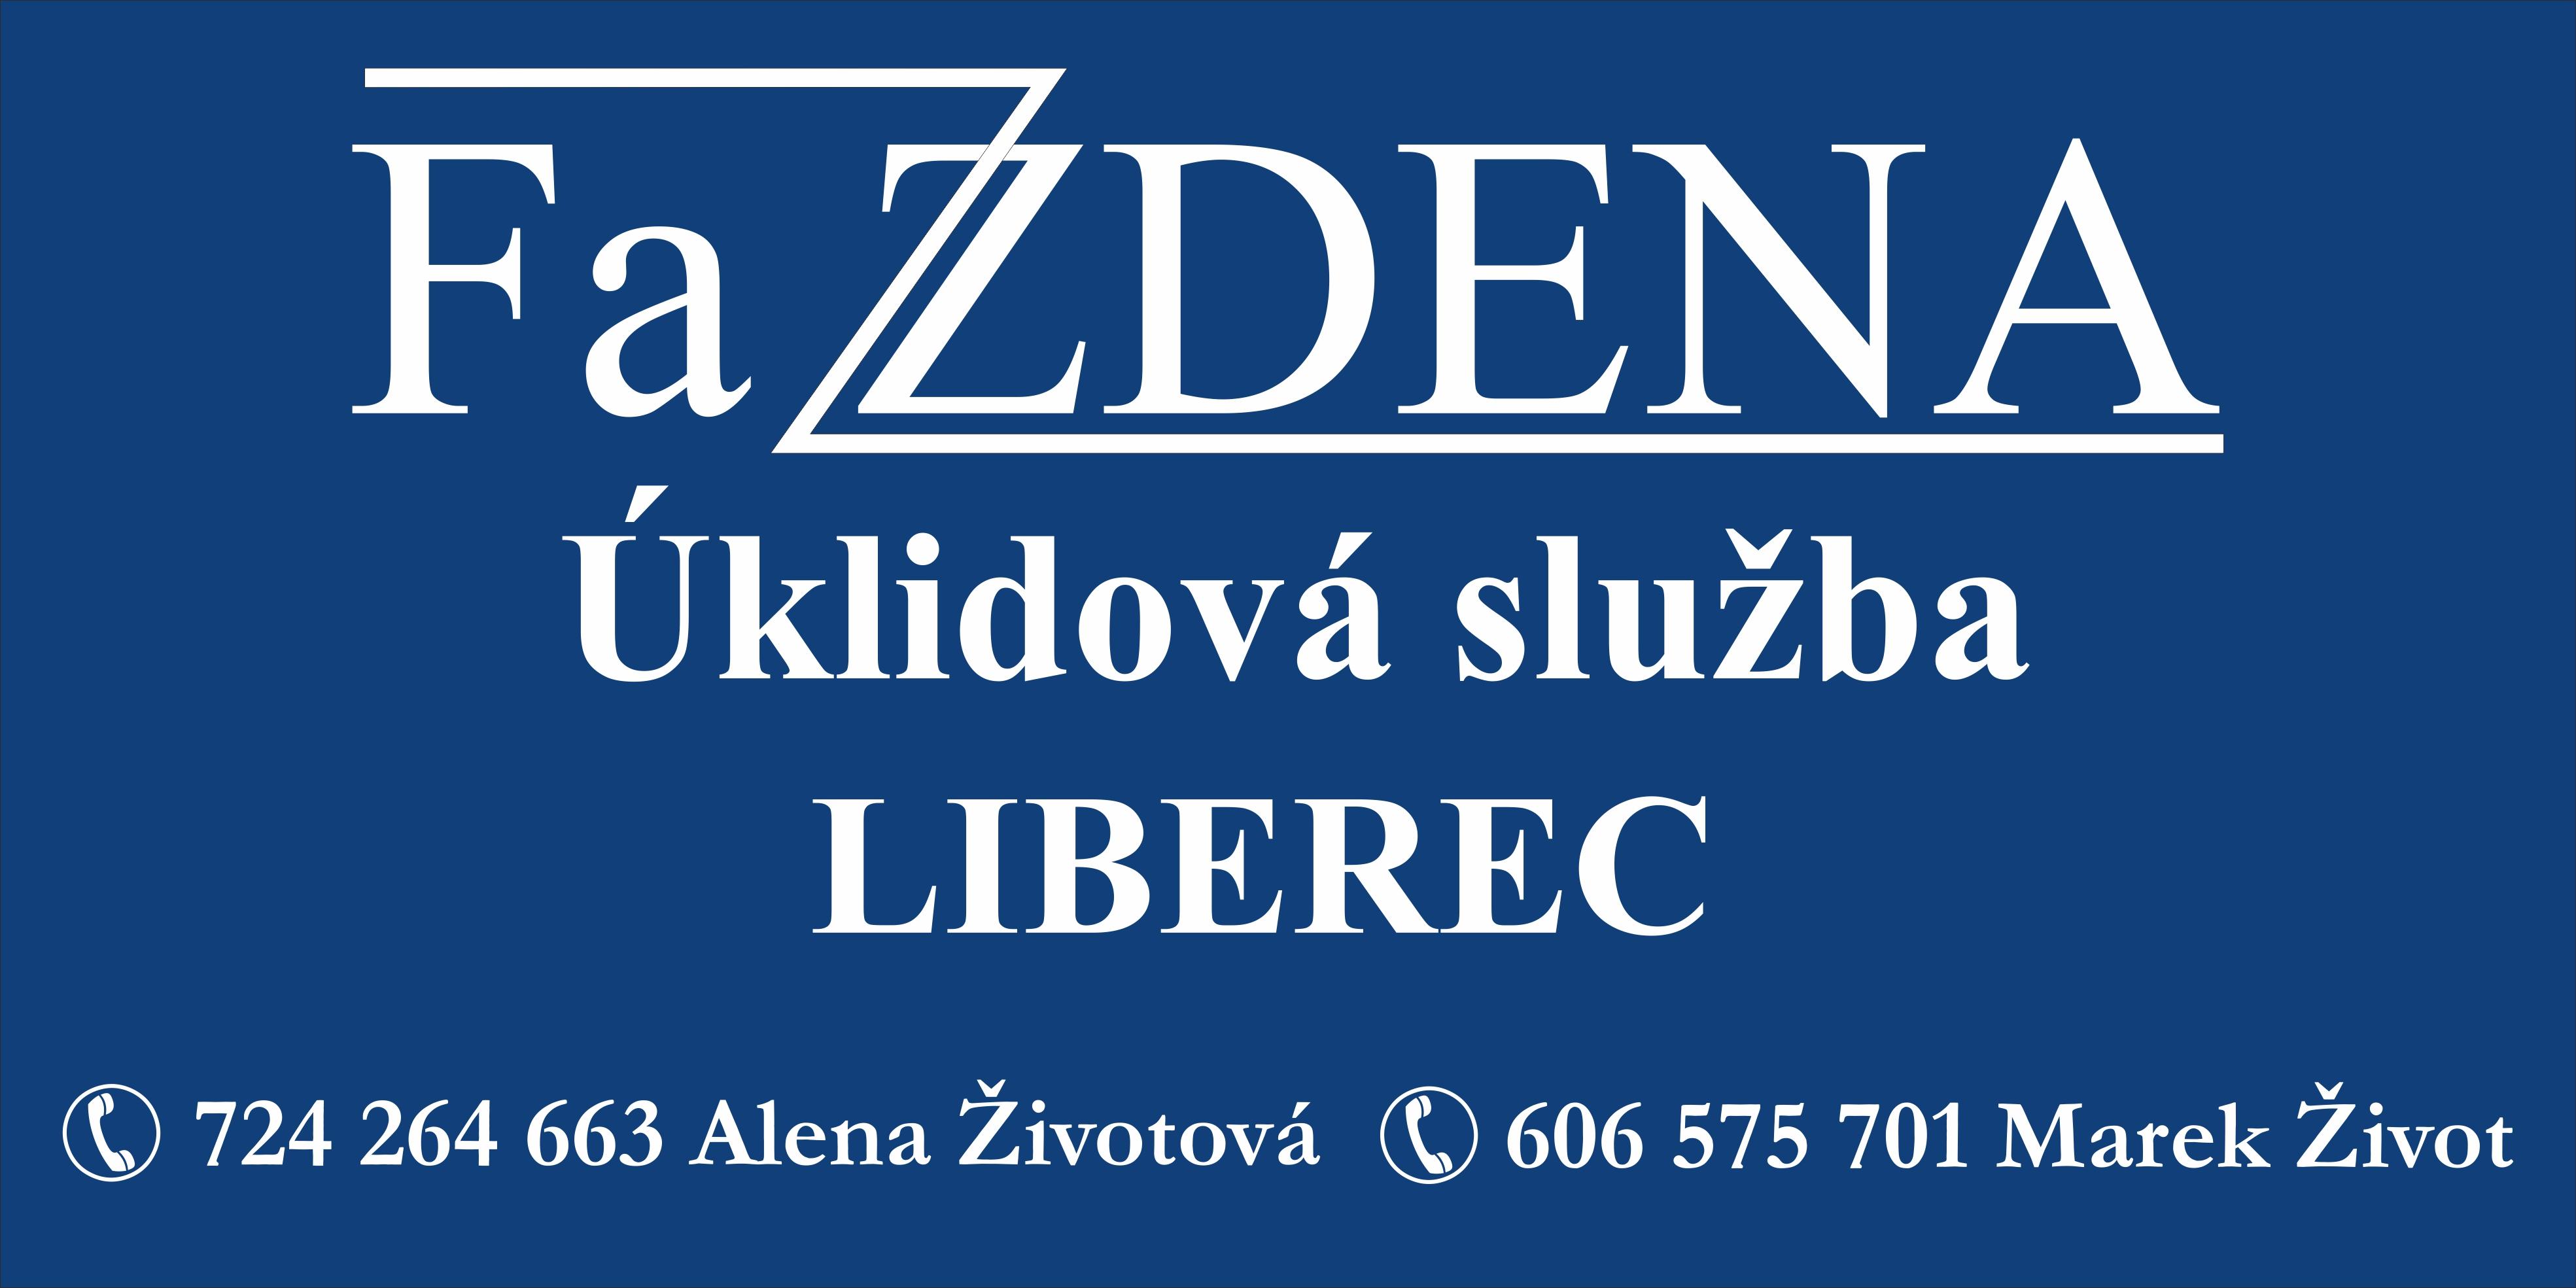 logo firmy FaZDENA